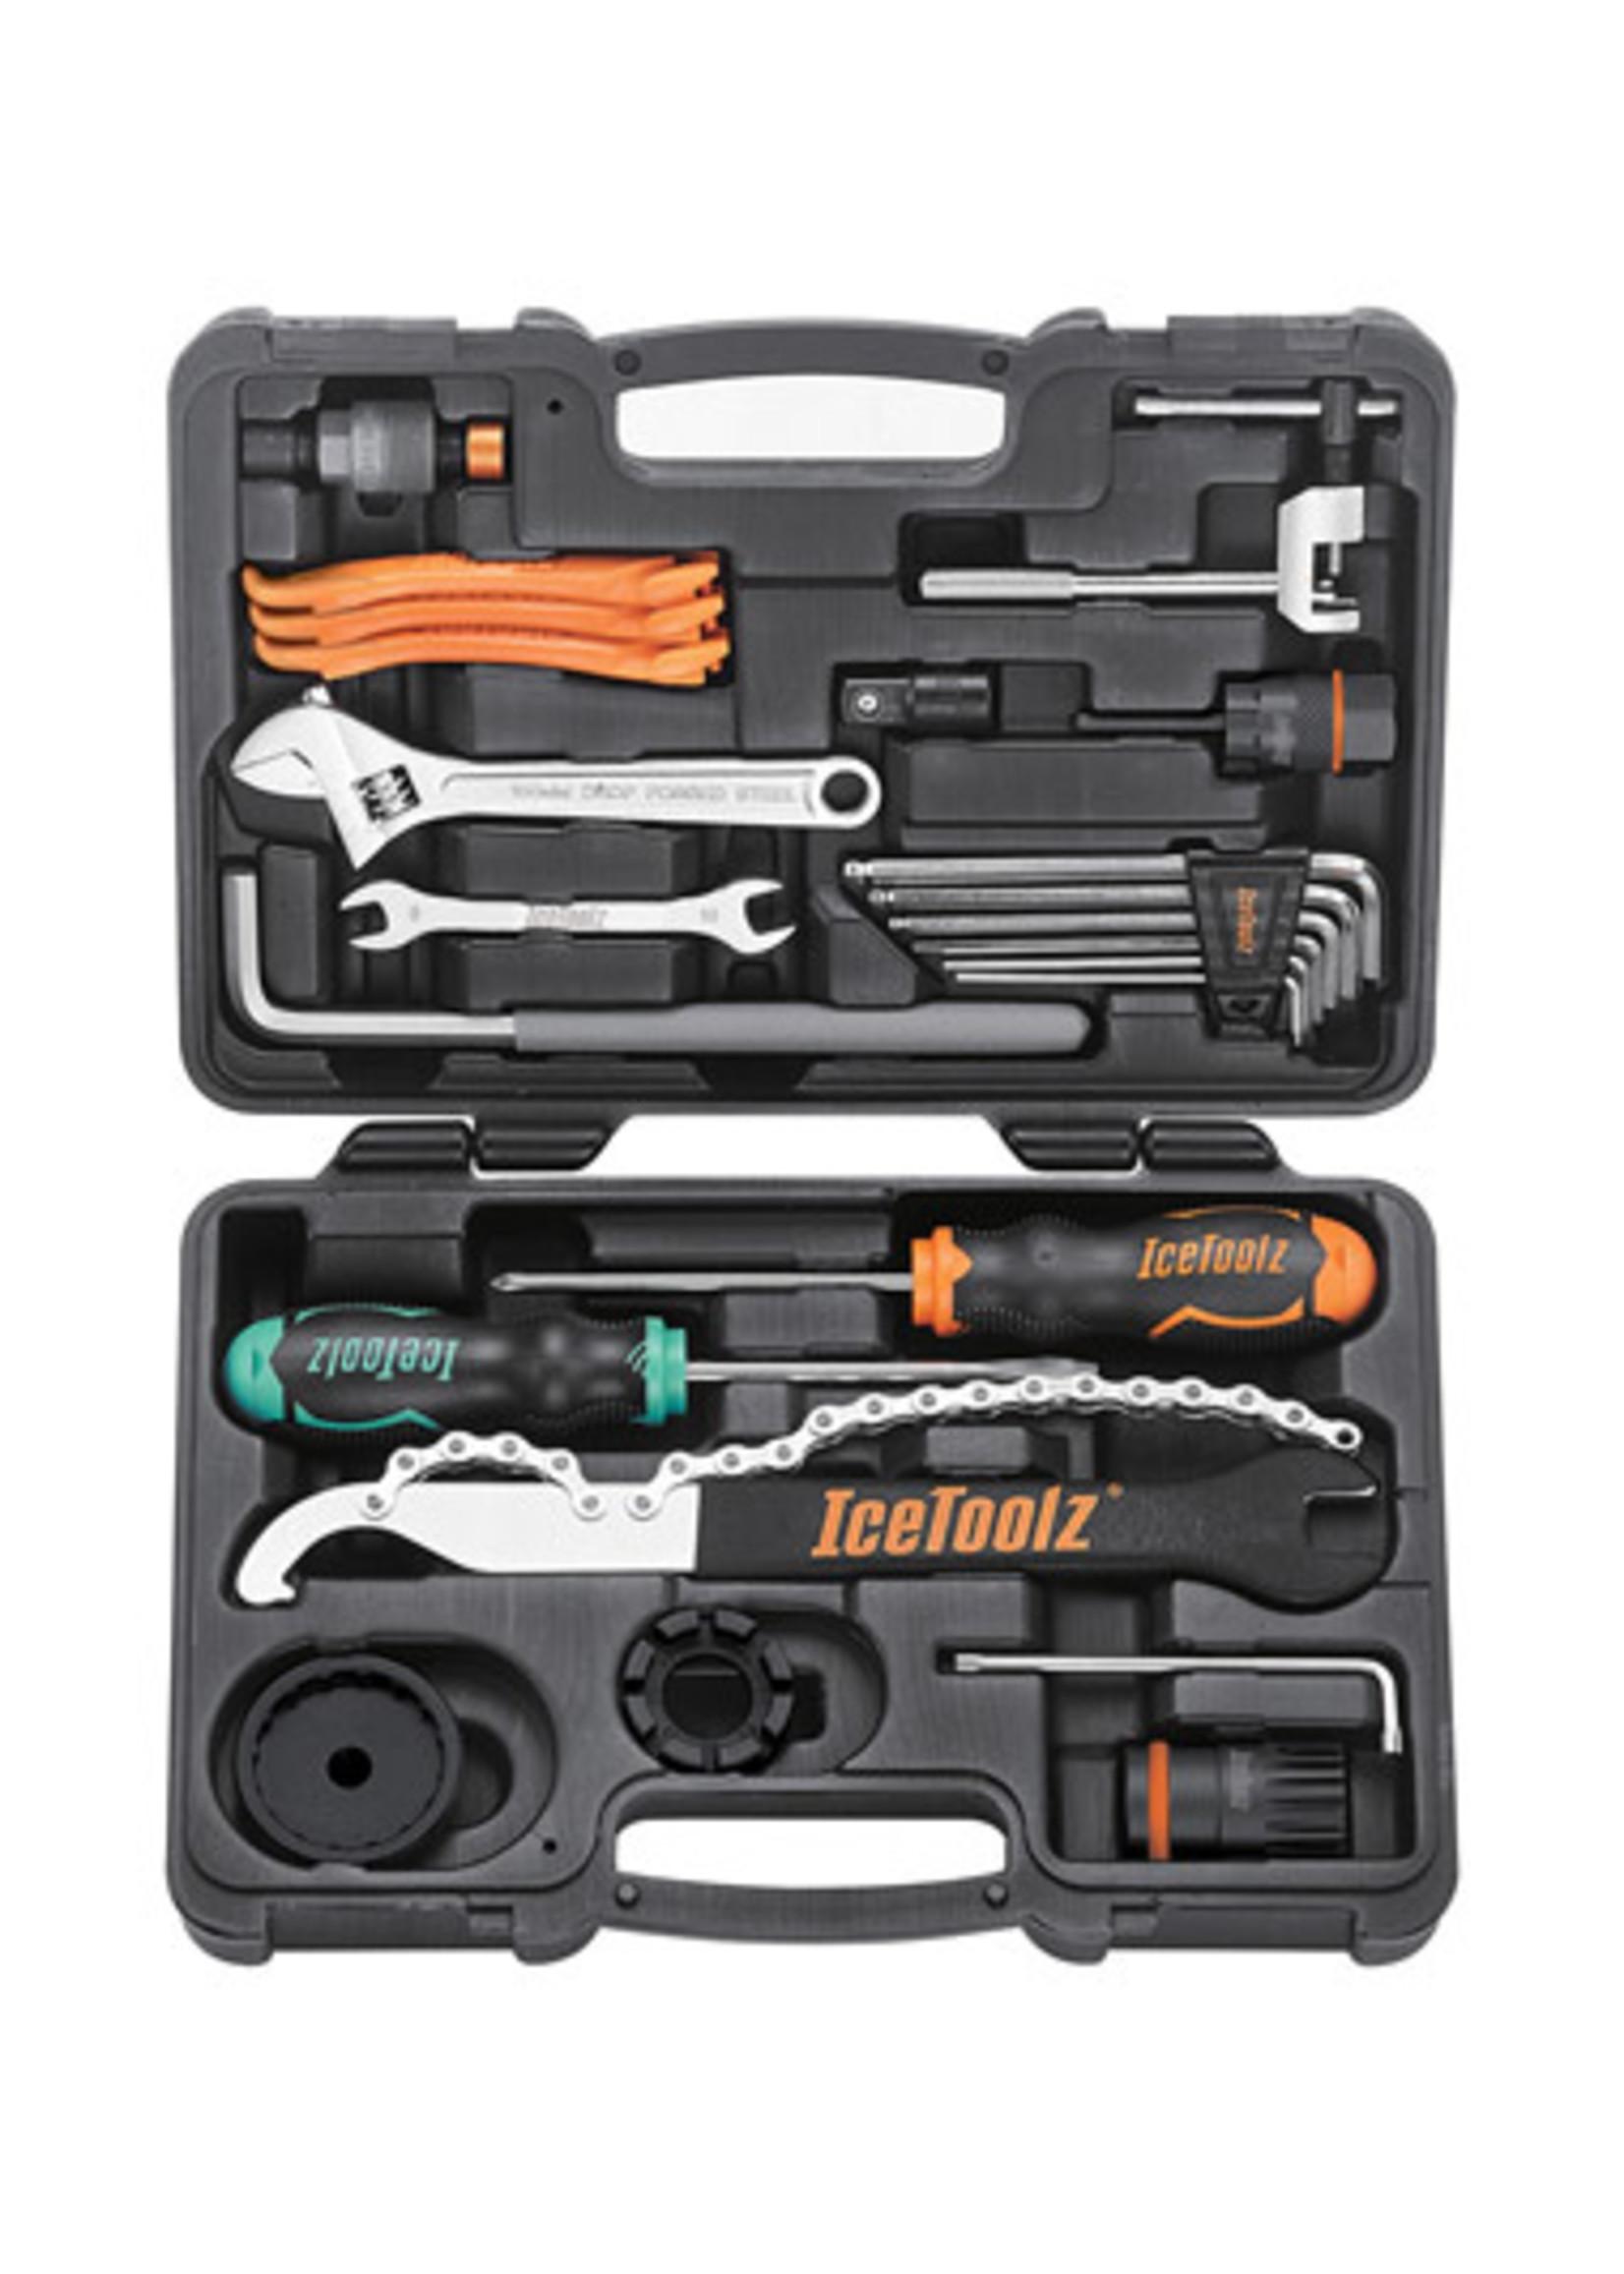 IceToolz Essence Tool Kit